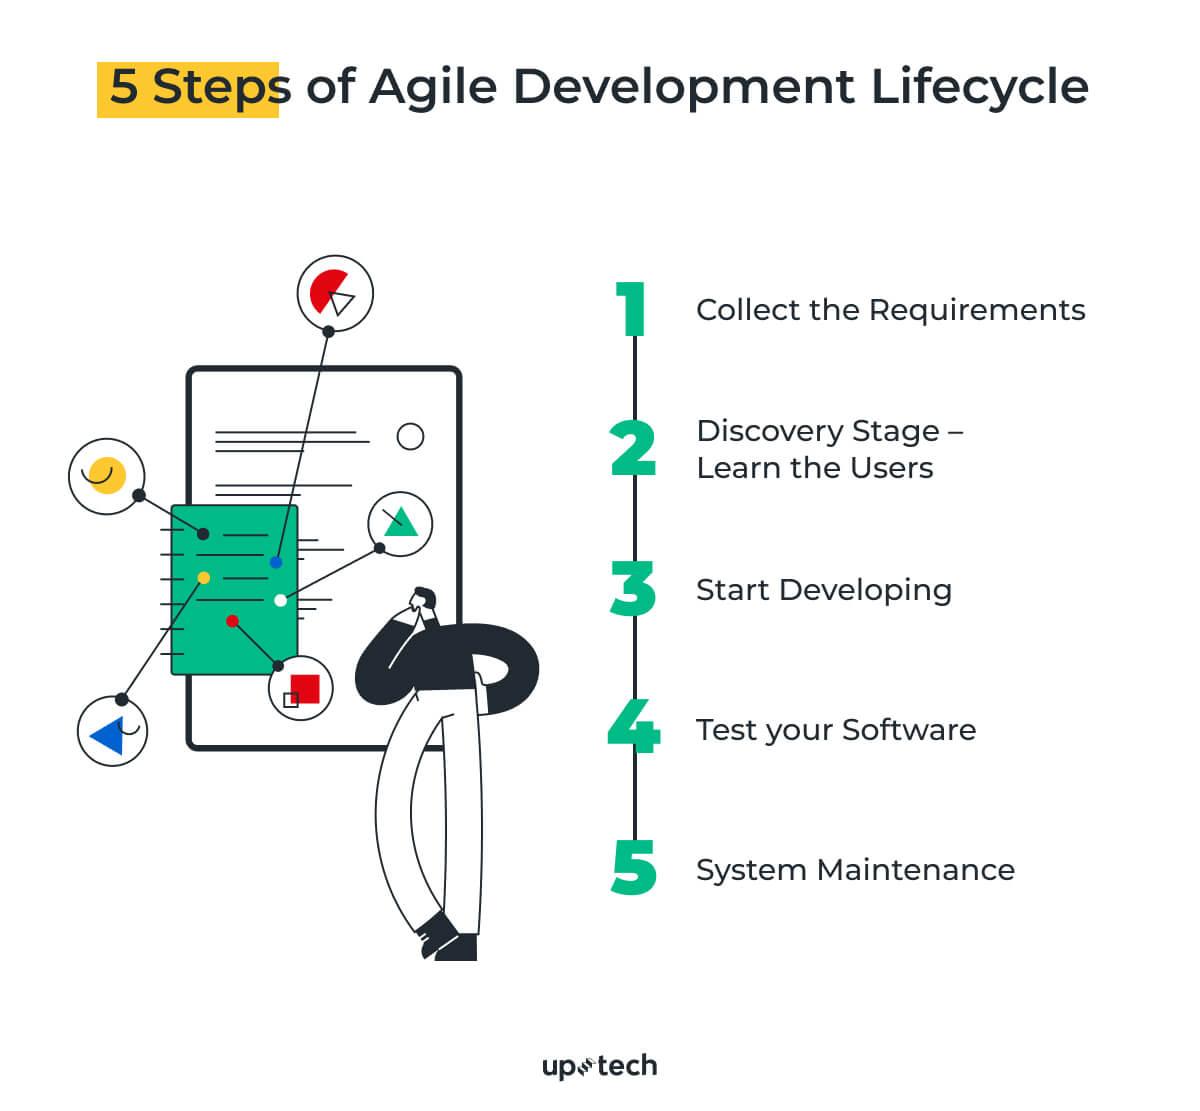 agile methodology steps